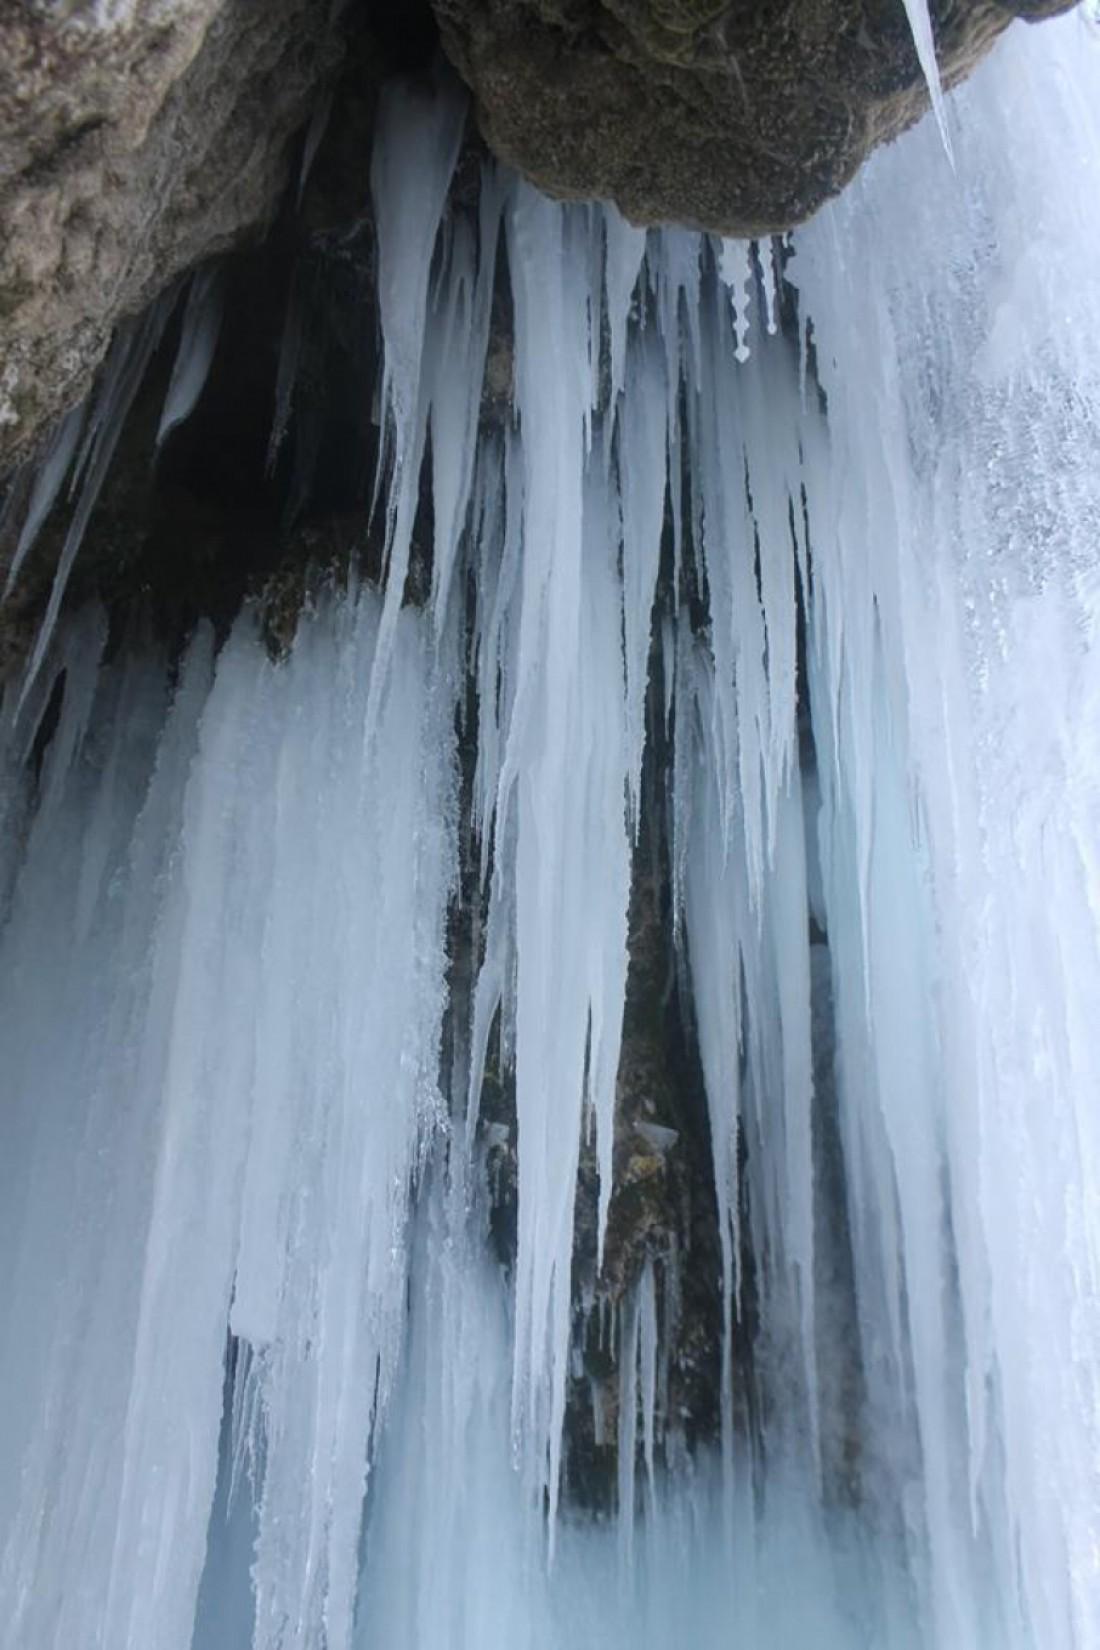 Струи воды замерзли целиком